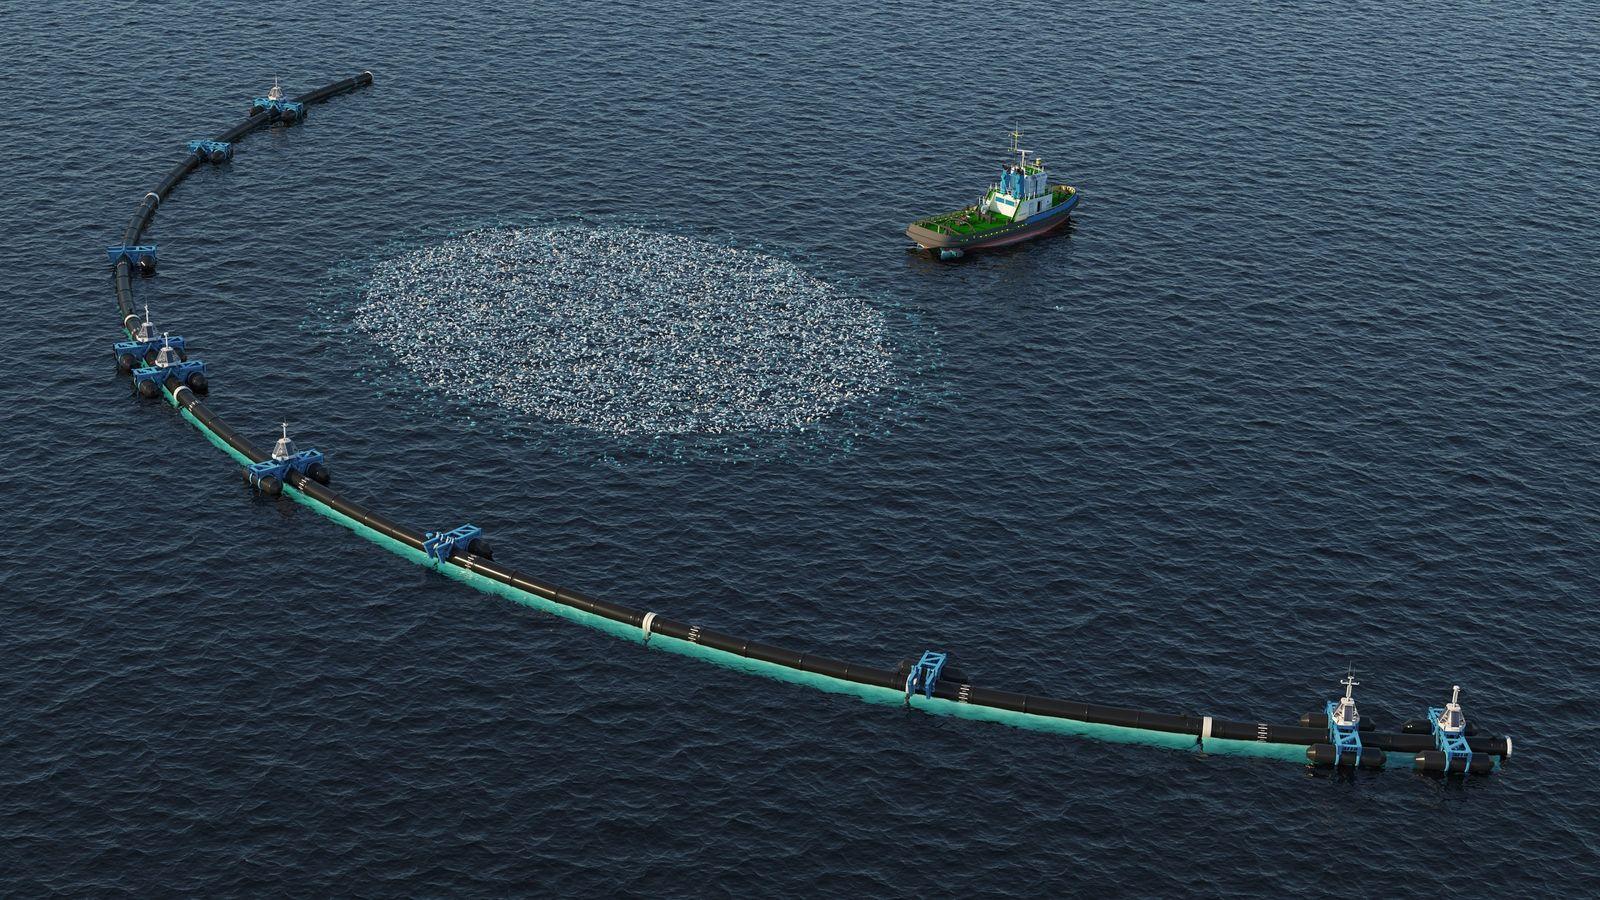 Une partie de Wilson, le système de nettoyage de The Ocean CleanUp s'est détachée du reste.